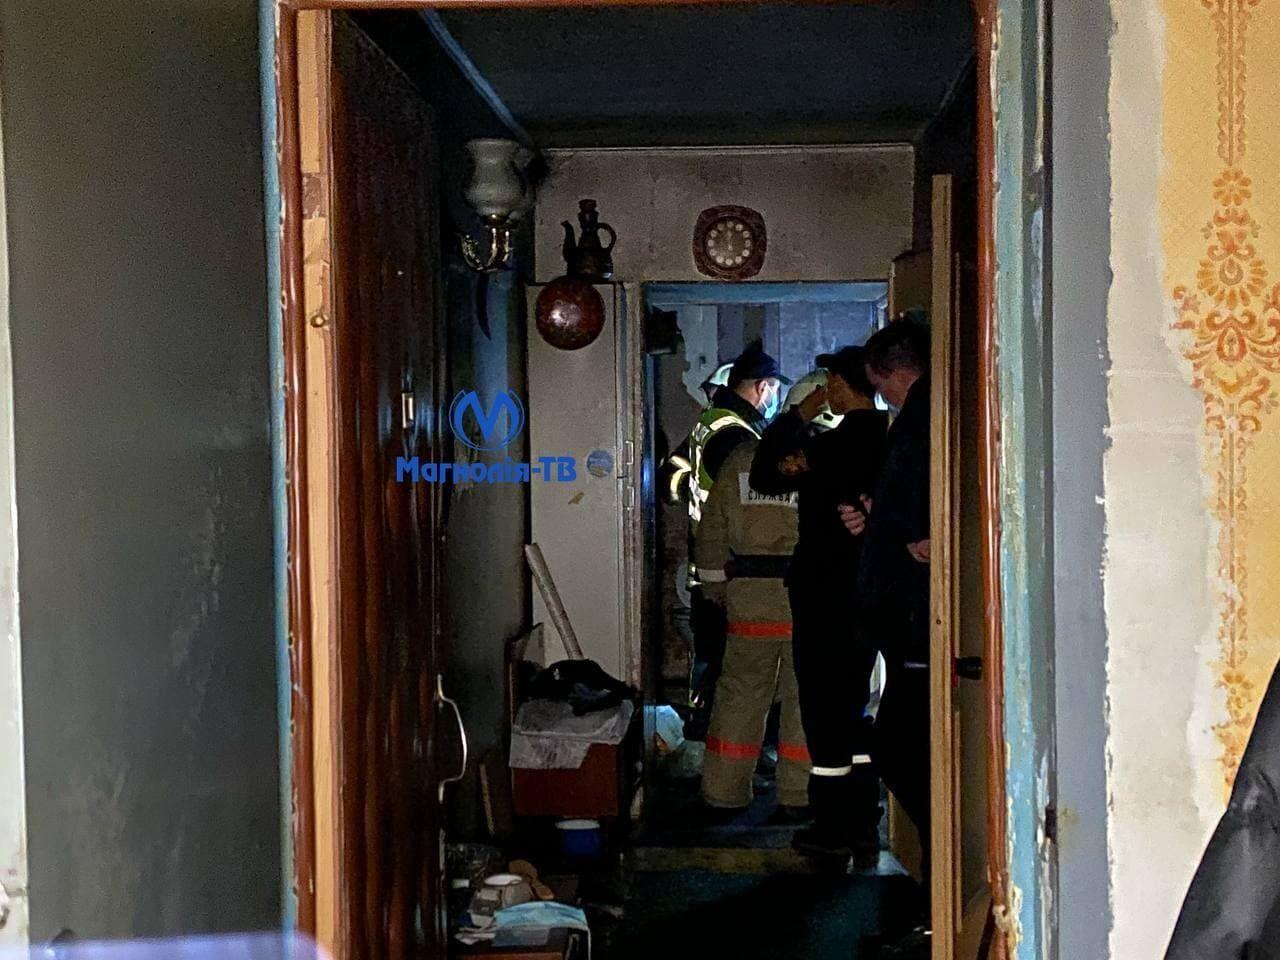 Во время тушения пожара спасатели обнаружили в квартире тело мужчины.